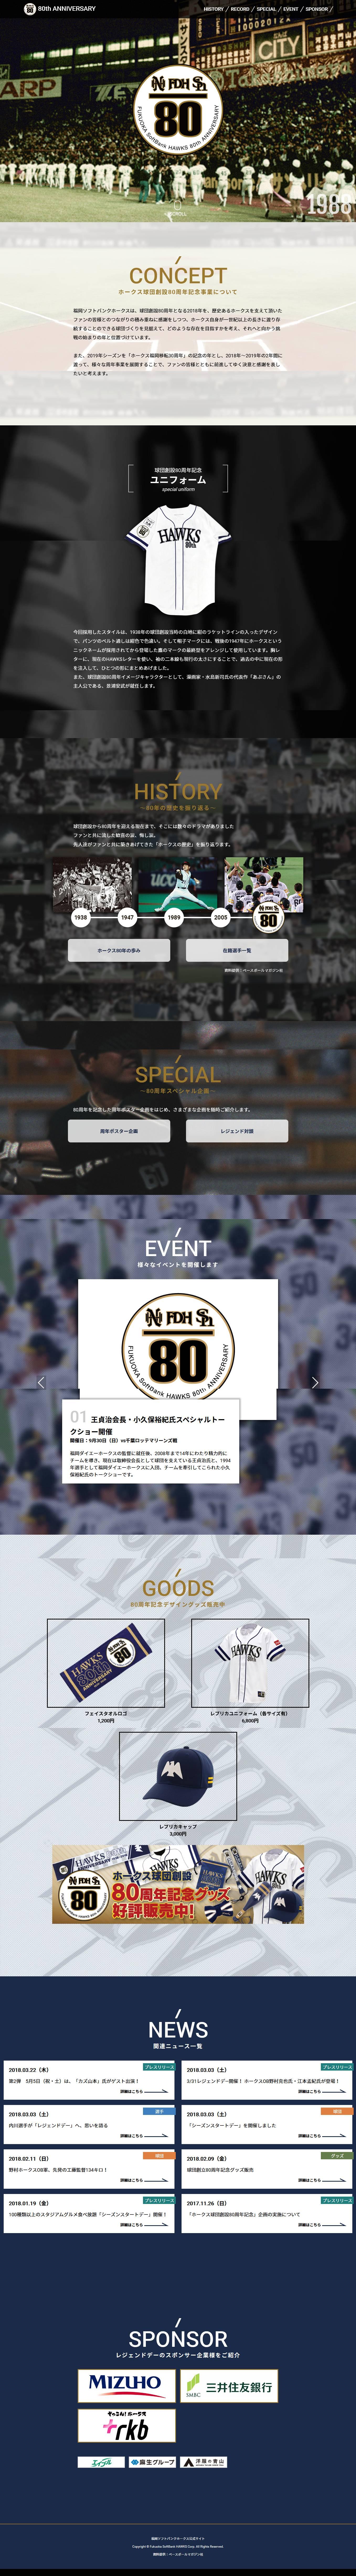 ホークス球団創設80周年サイト